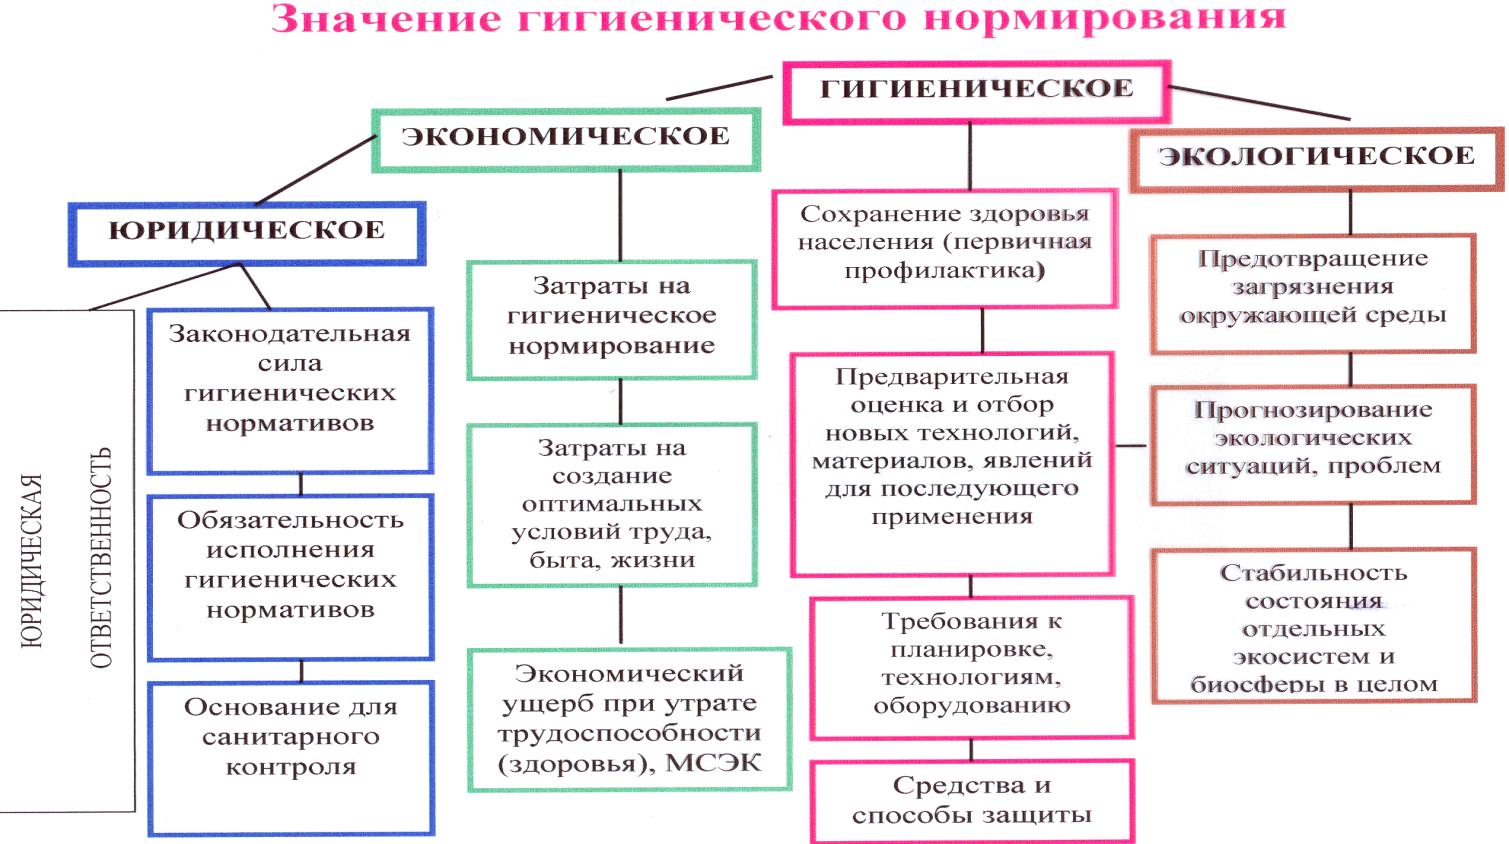 Схема противоэпидемического режима